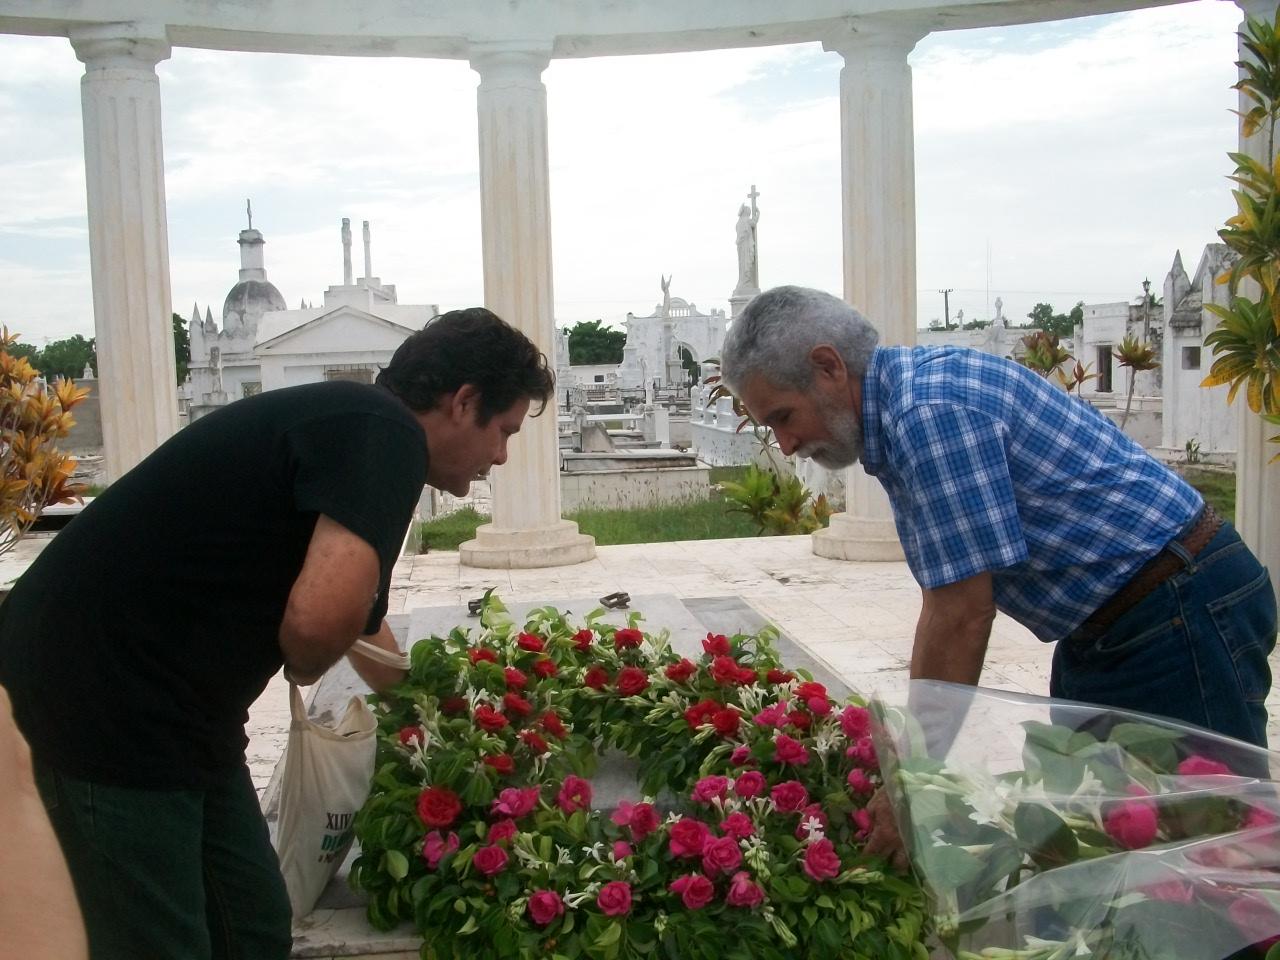 Recuerdan al poeta Navarro Luna en el aniversario 50 de su muerte (+ Fotos)